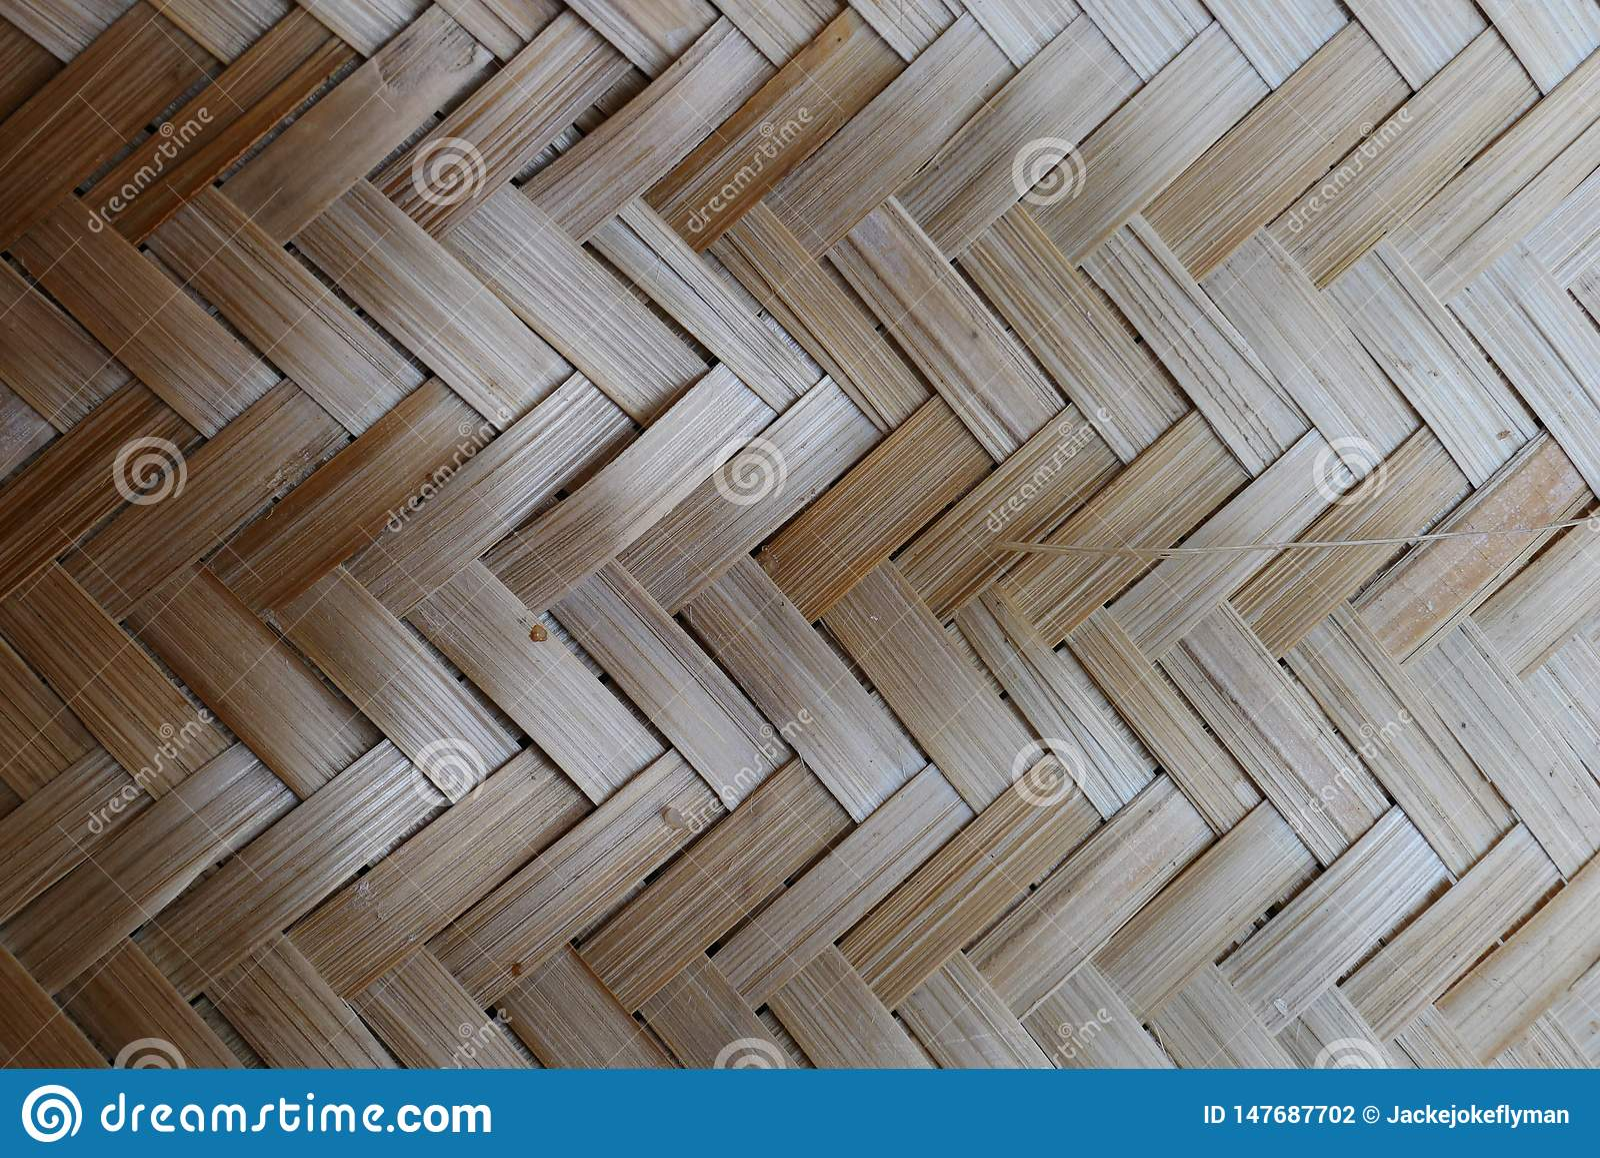 Tissage de bambou ou de paille fond en bois de texture de panier